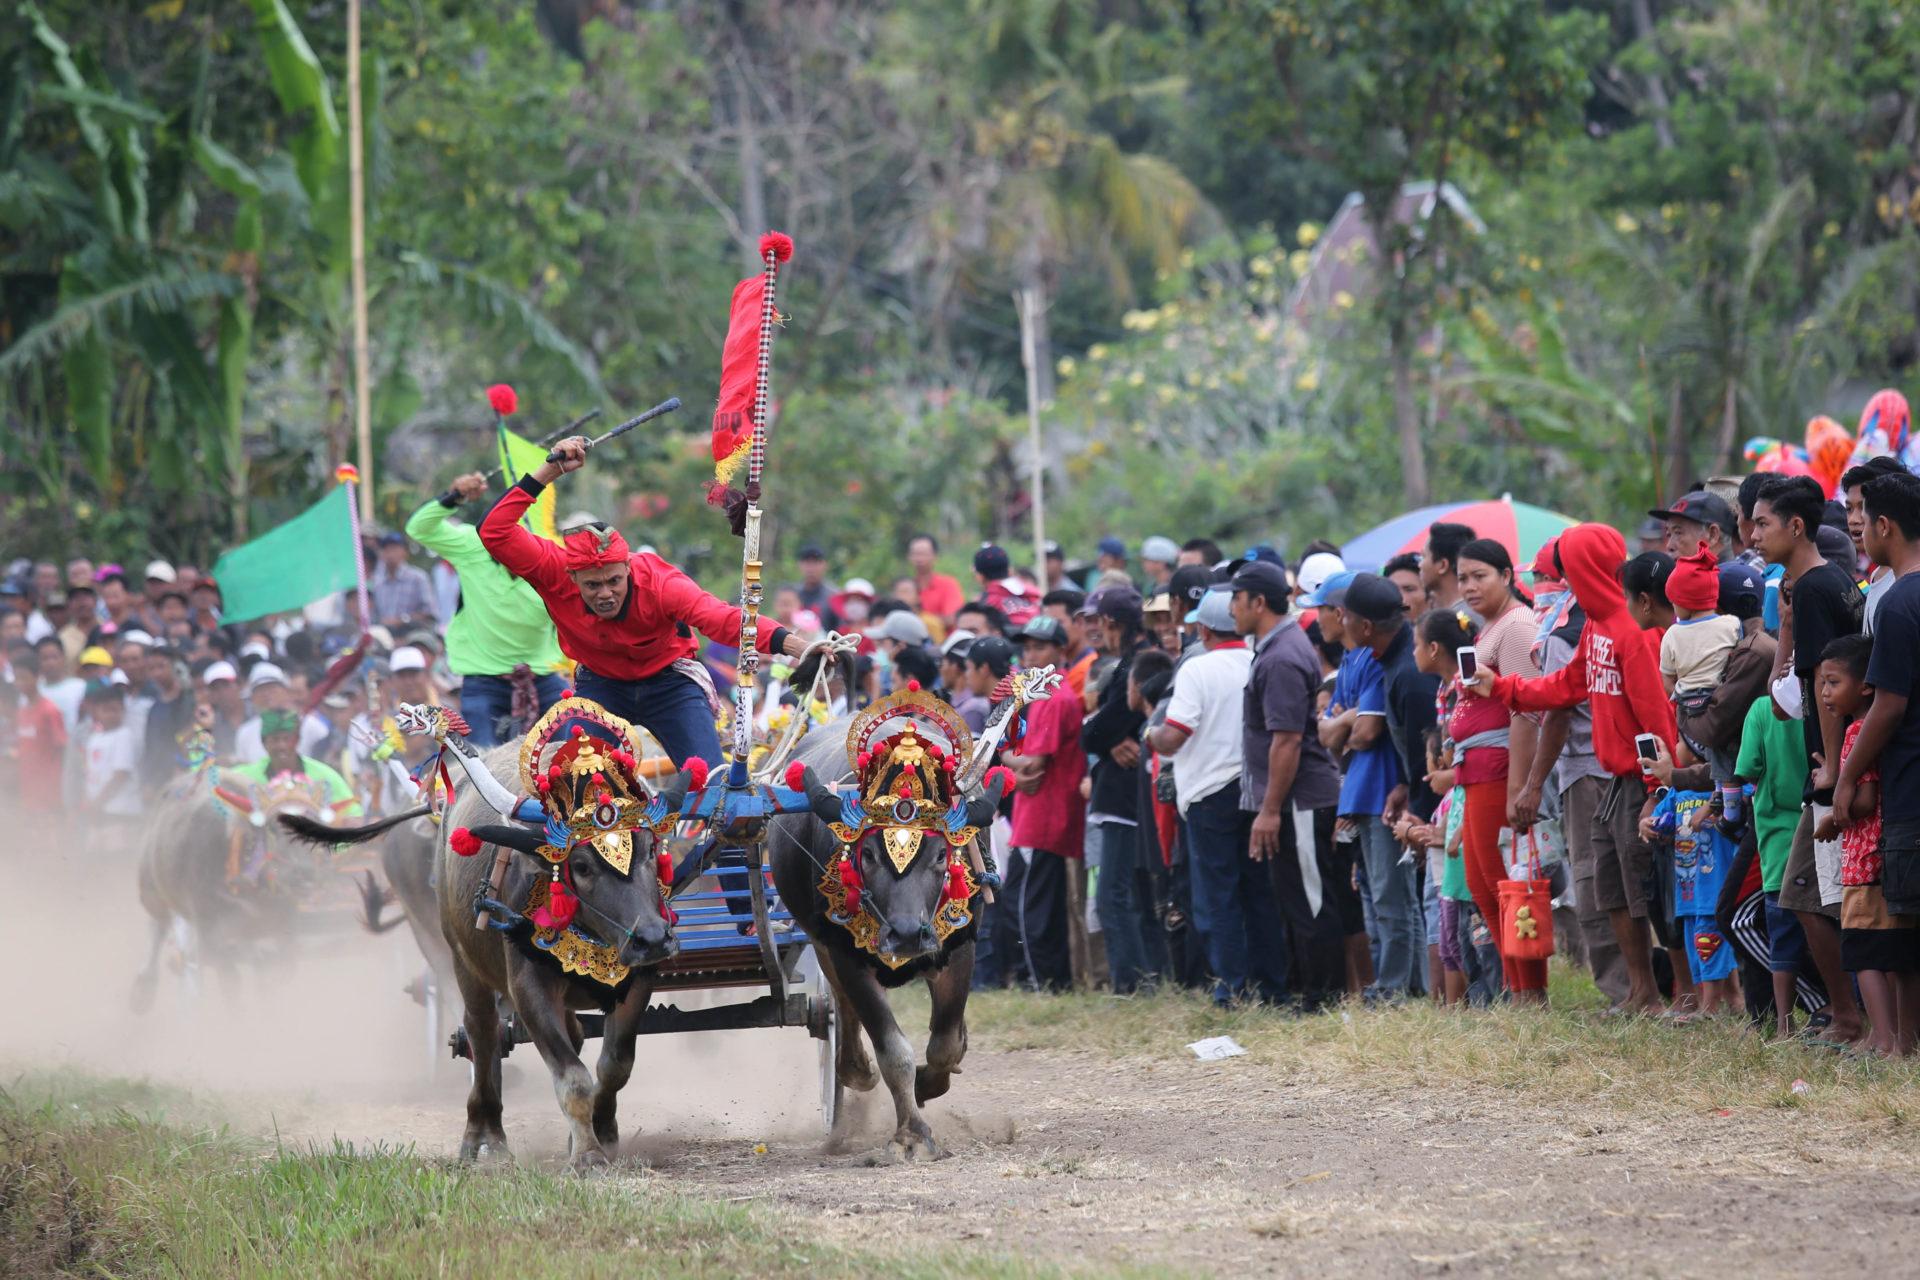 Rivalen der Rennbahn beim Makepung – Ein Büffelrennen auf Bali